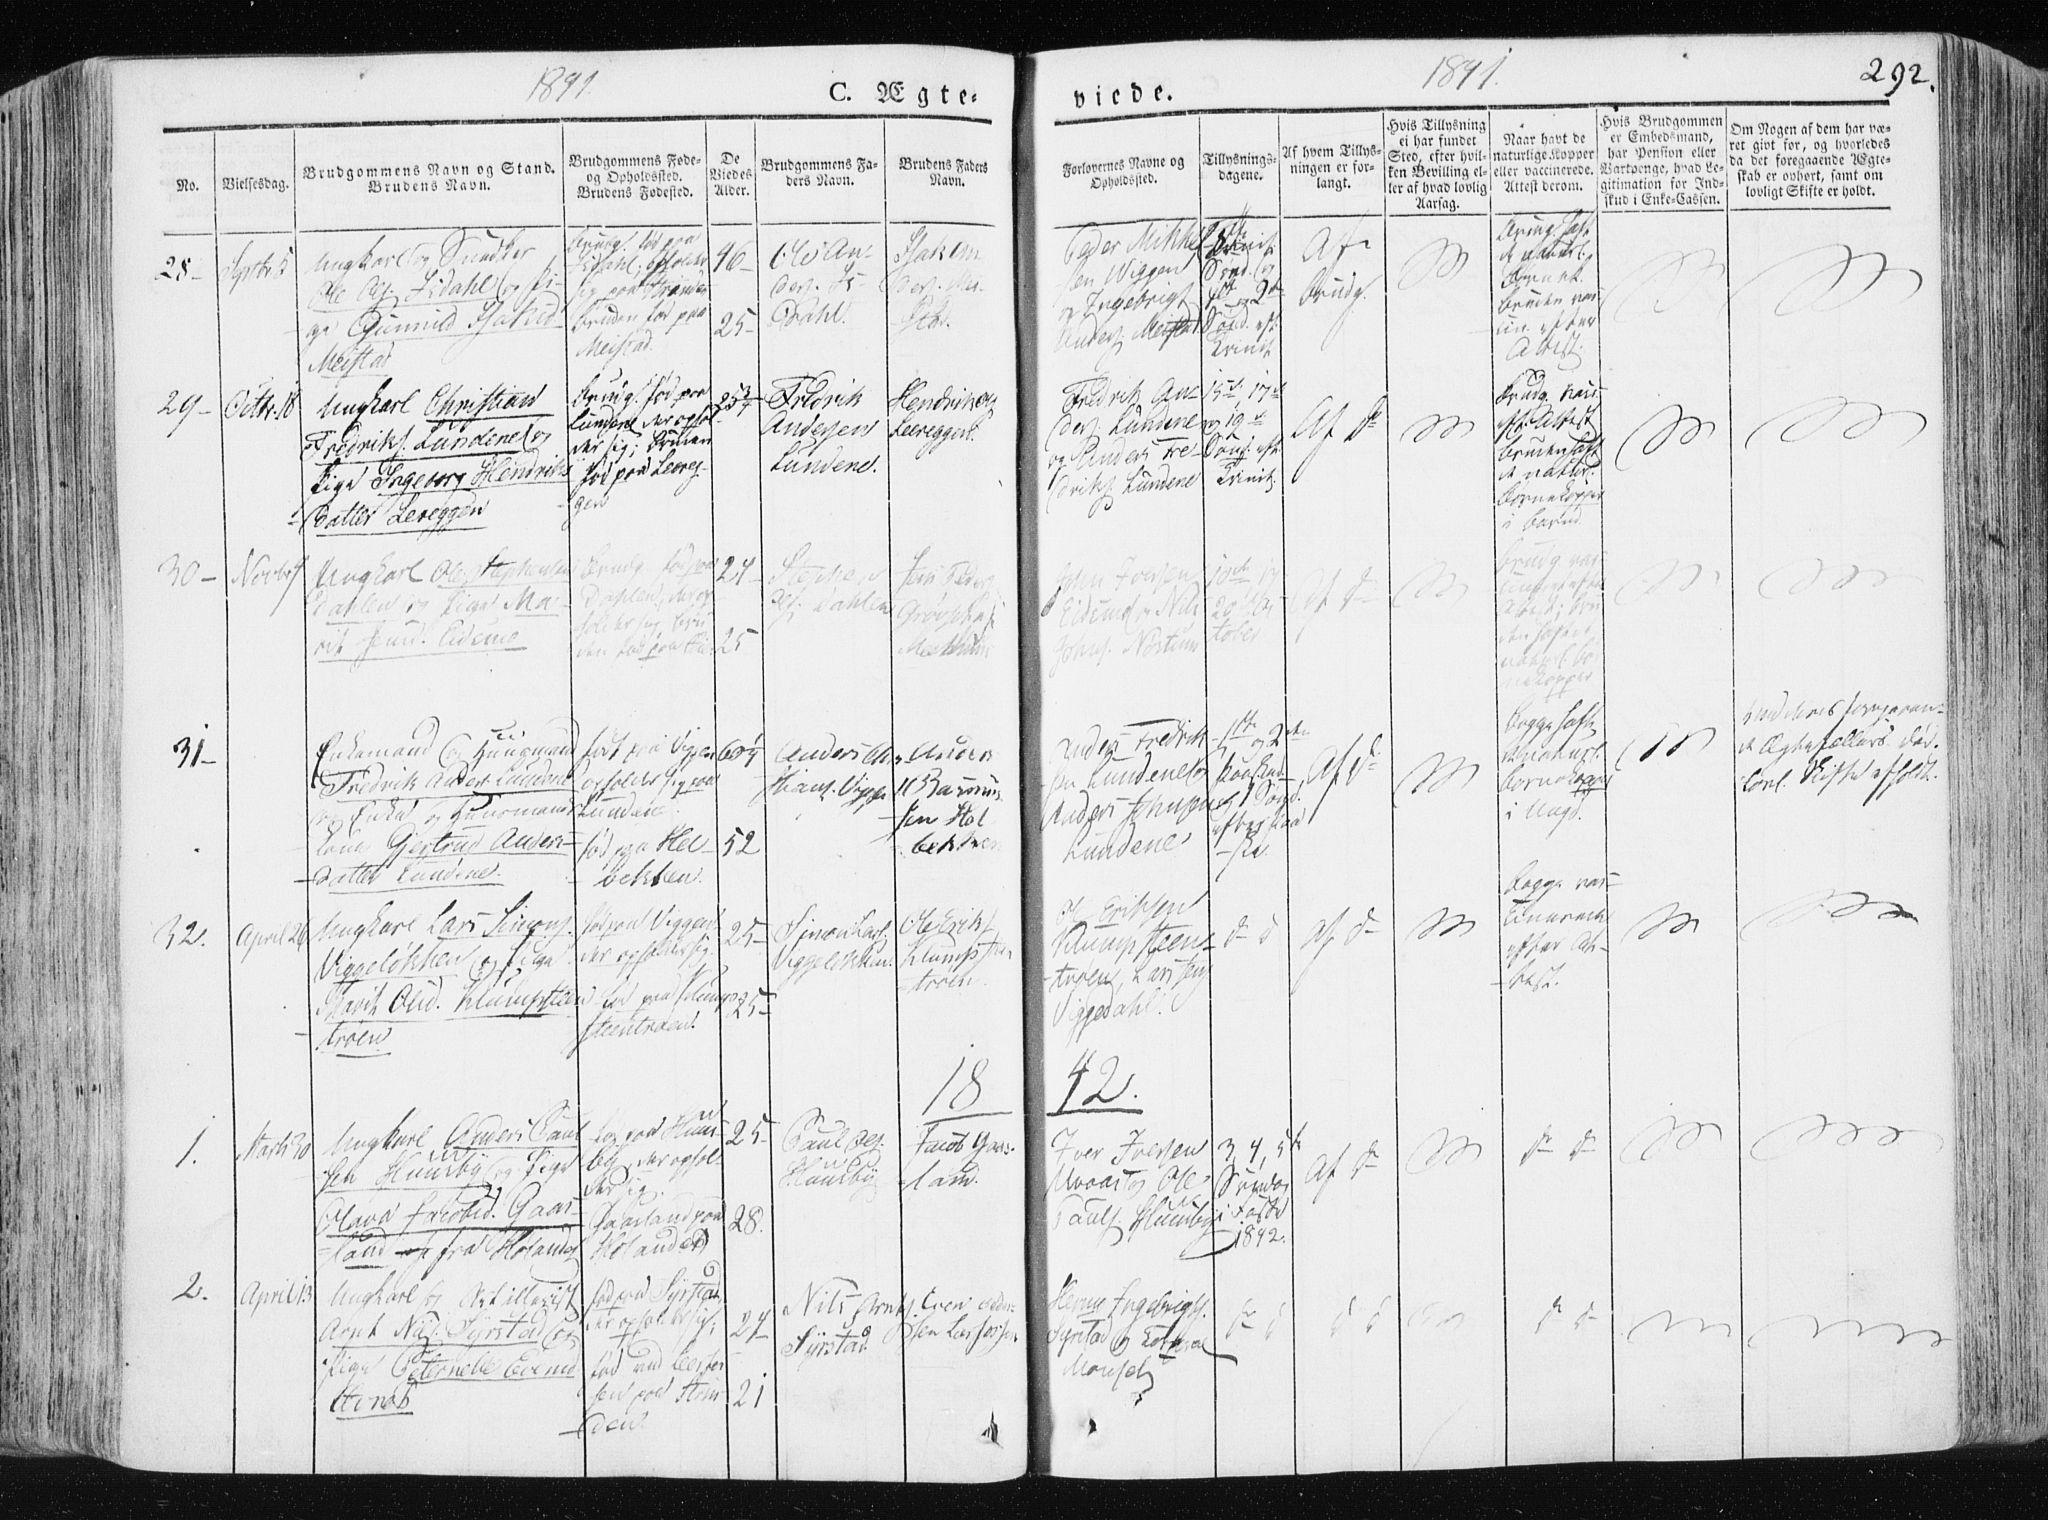 SAT, Ministerialprotokoller, klokkerbøker og fødselsregistre - Sør-Trøndelag, 665/L0771: Ministerialbok nr. 665A06, 1830-1856, s. 292